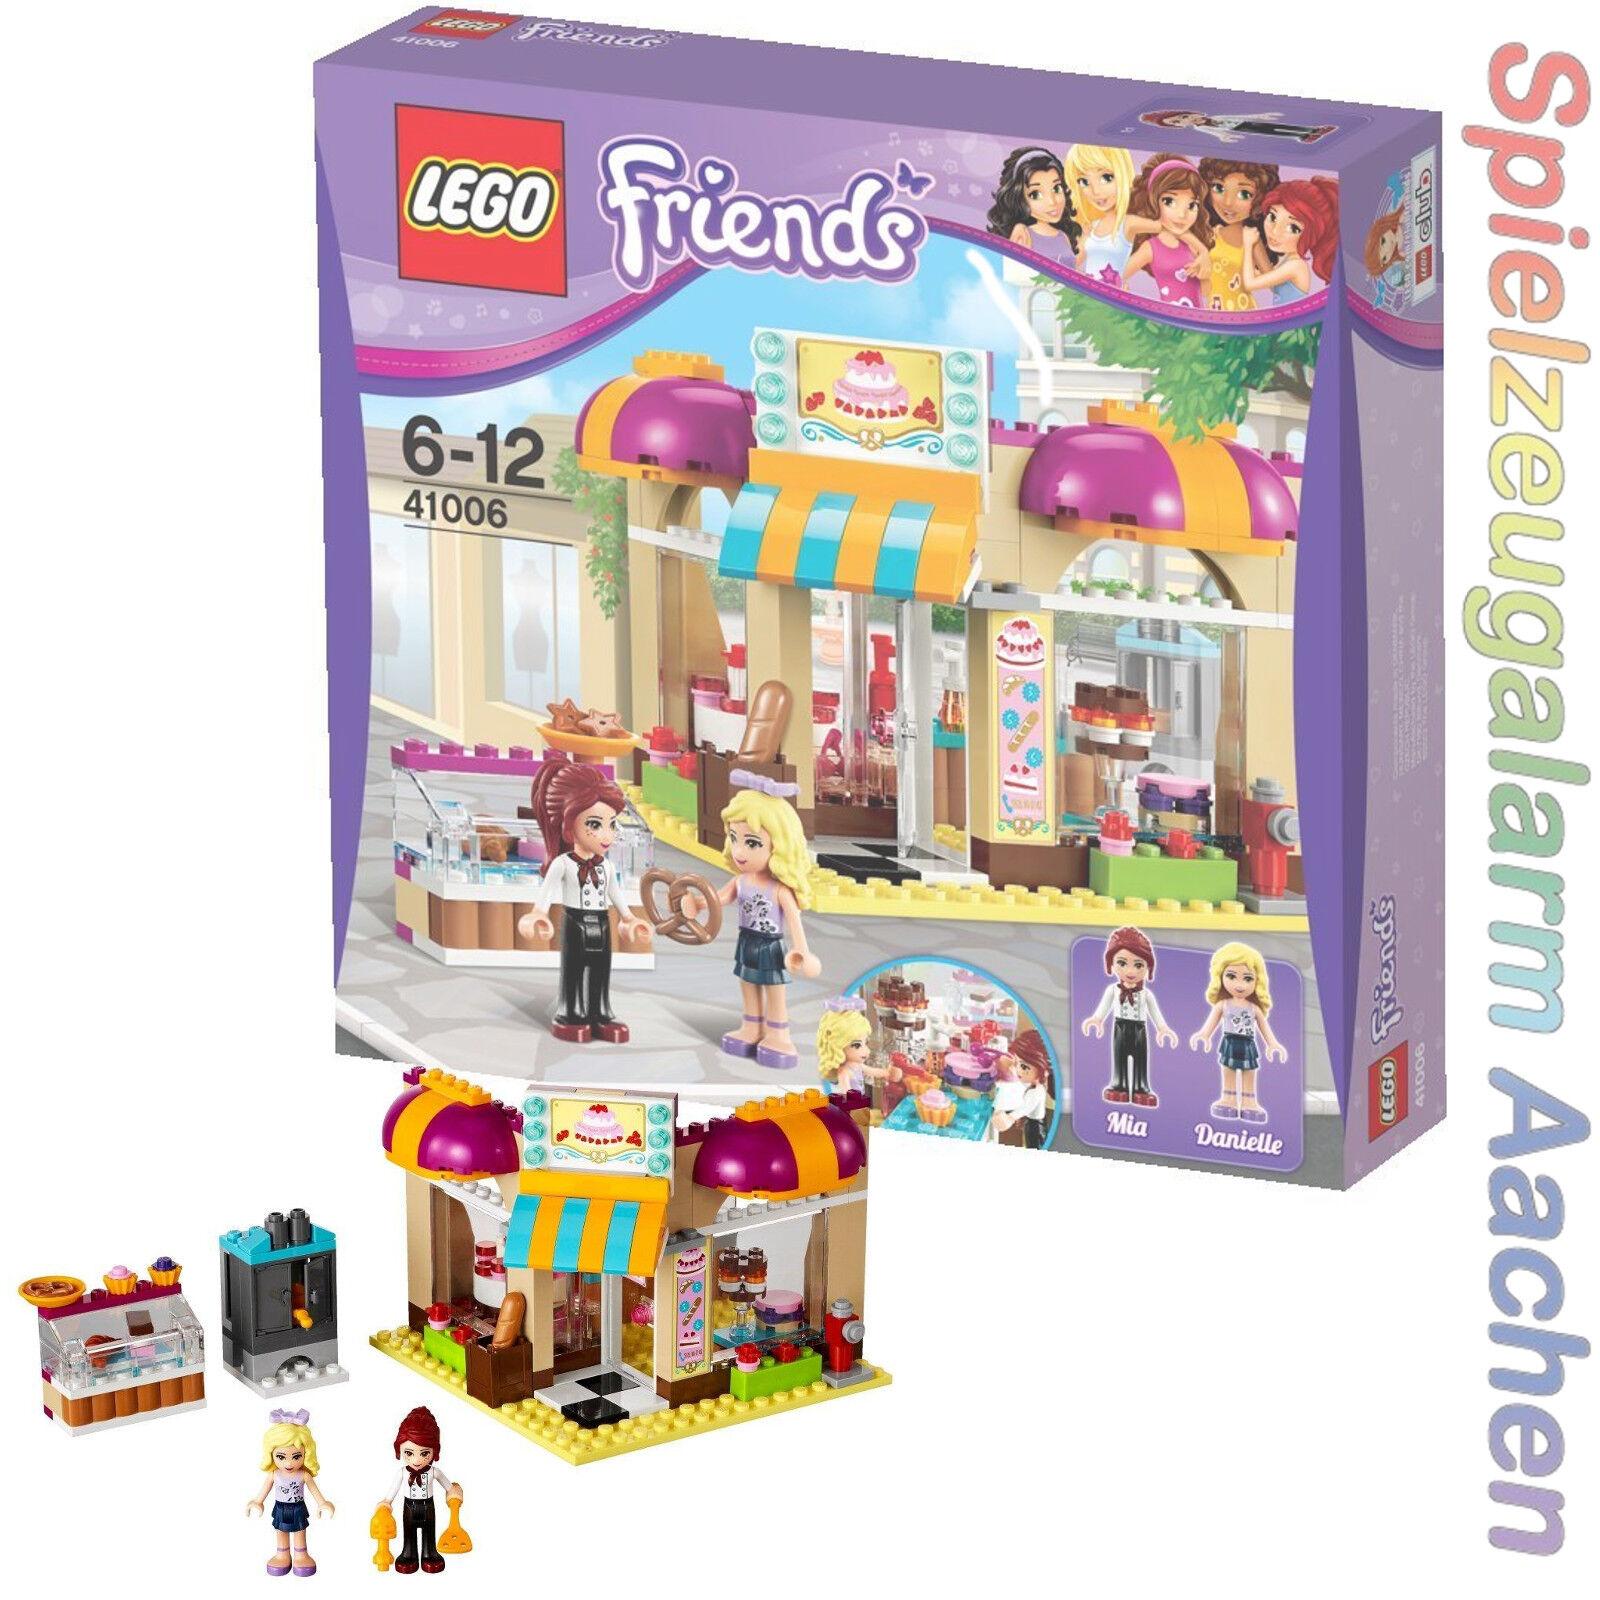 LEGO Friends 41006 Heartlake centro città Panificio